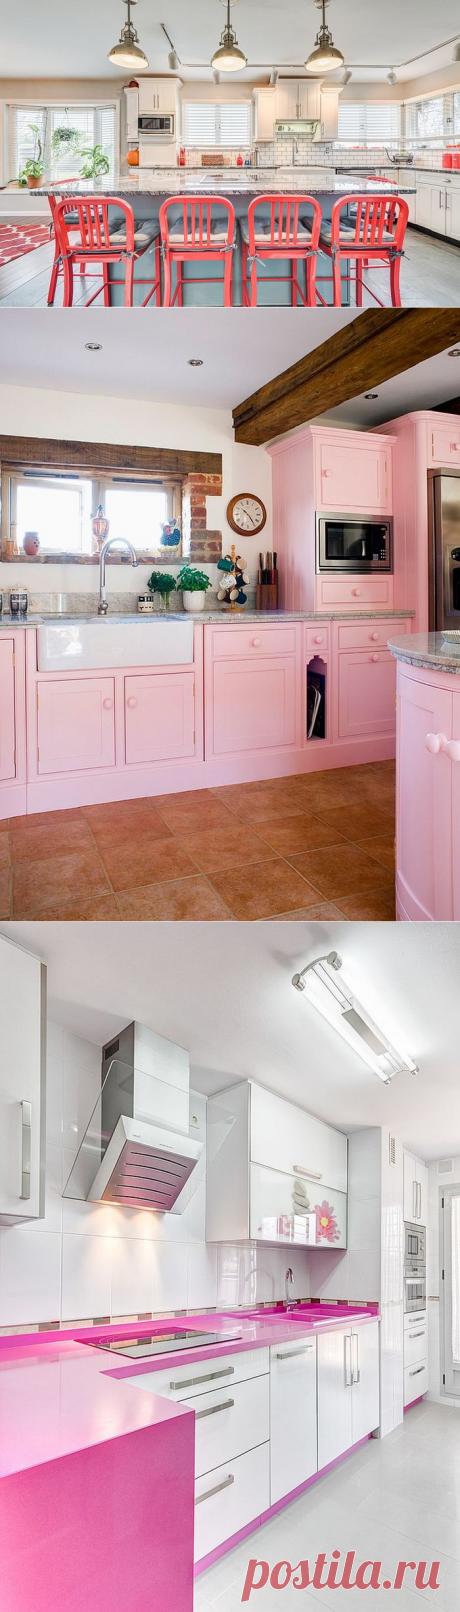 Розовая кухня: это не китч и любовь к Барби. Это действительно ВАУ!